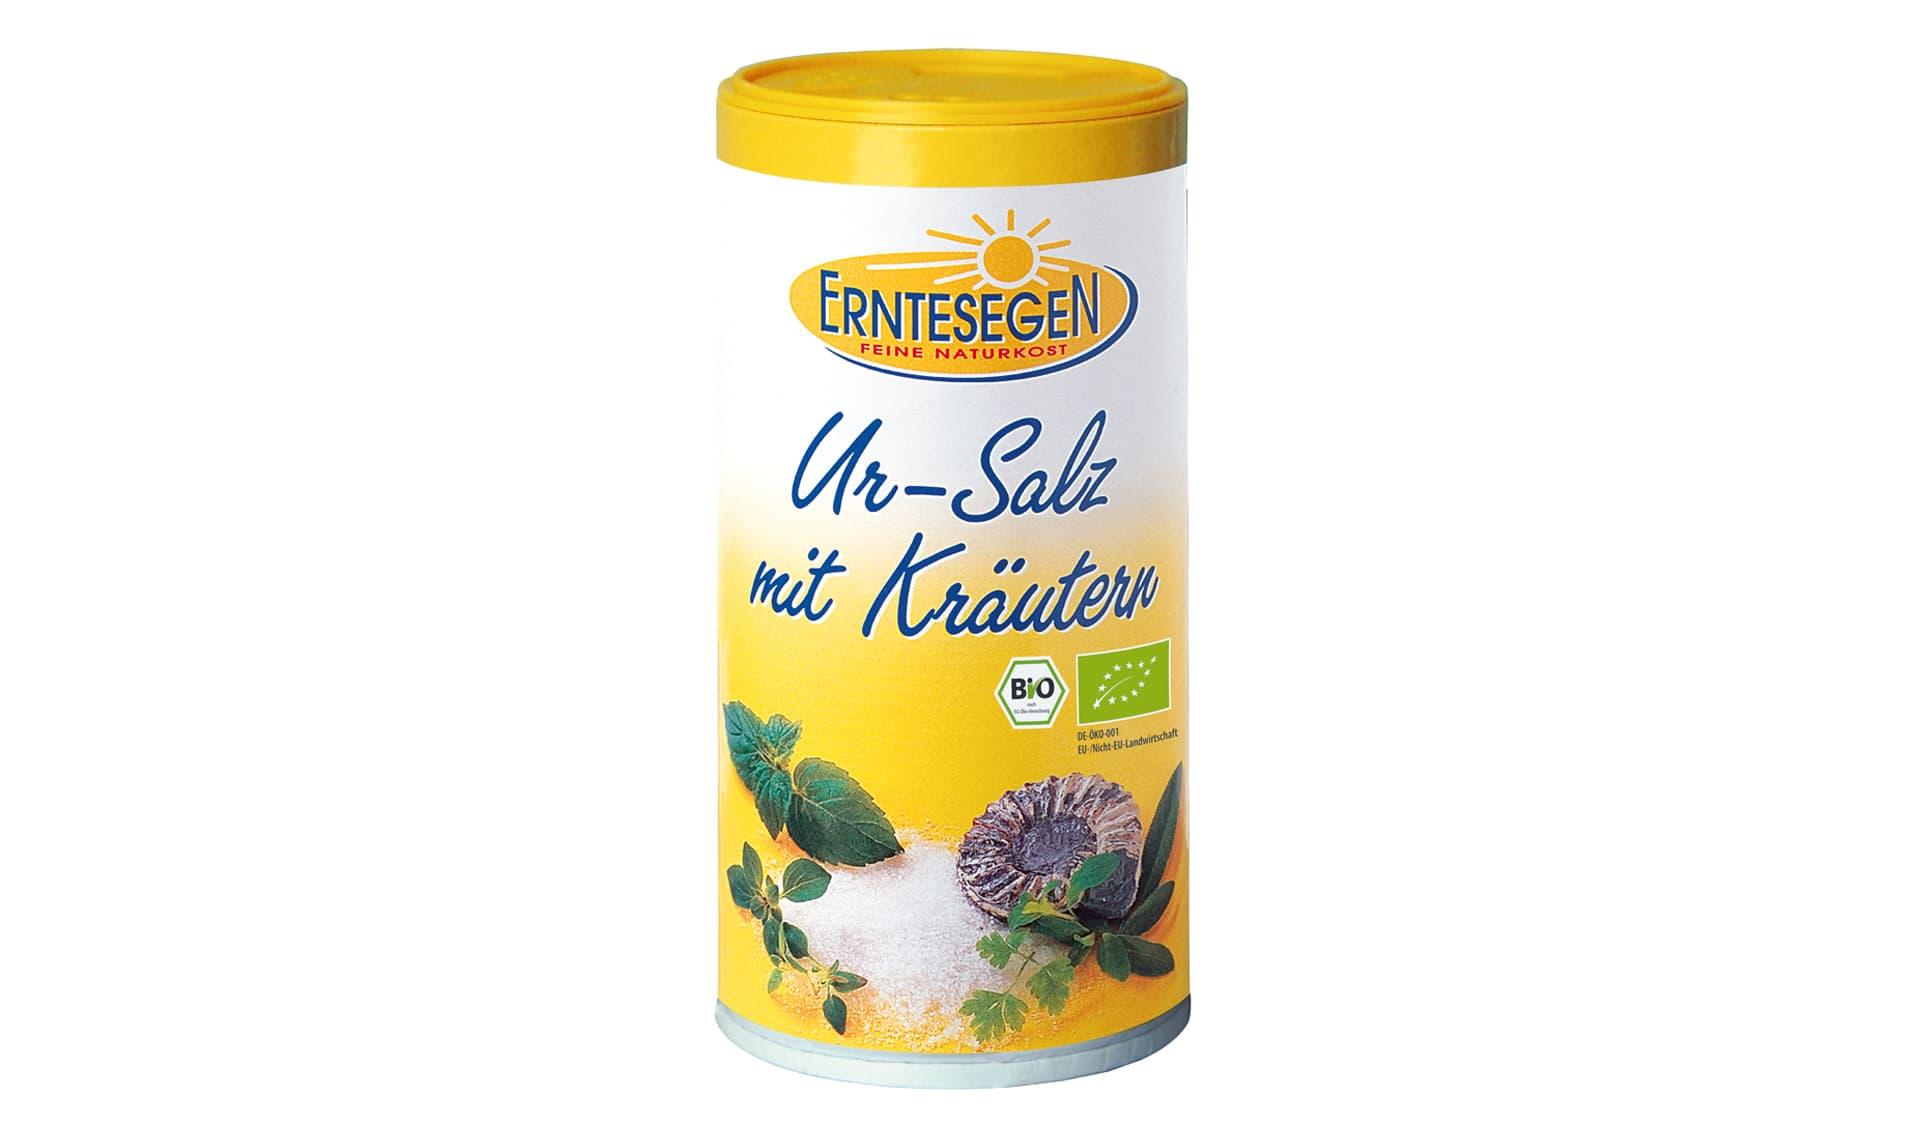 Erntesegen Ur-Salz mit Kräutern (www.erntesegen.de)